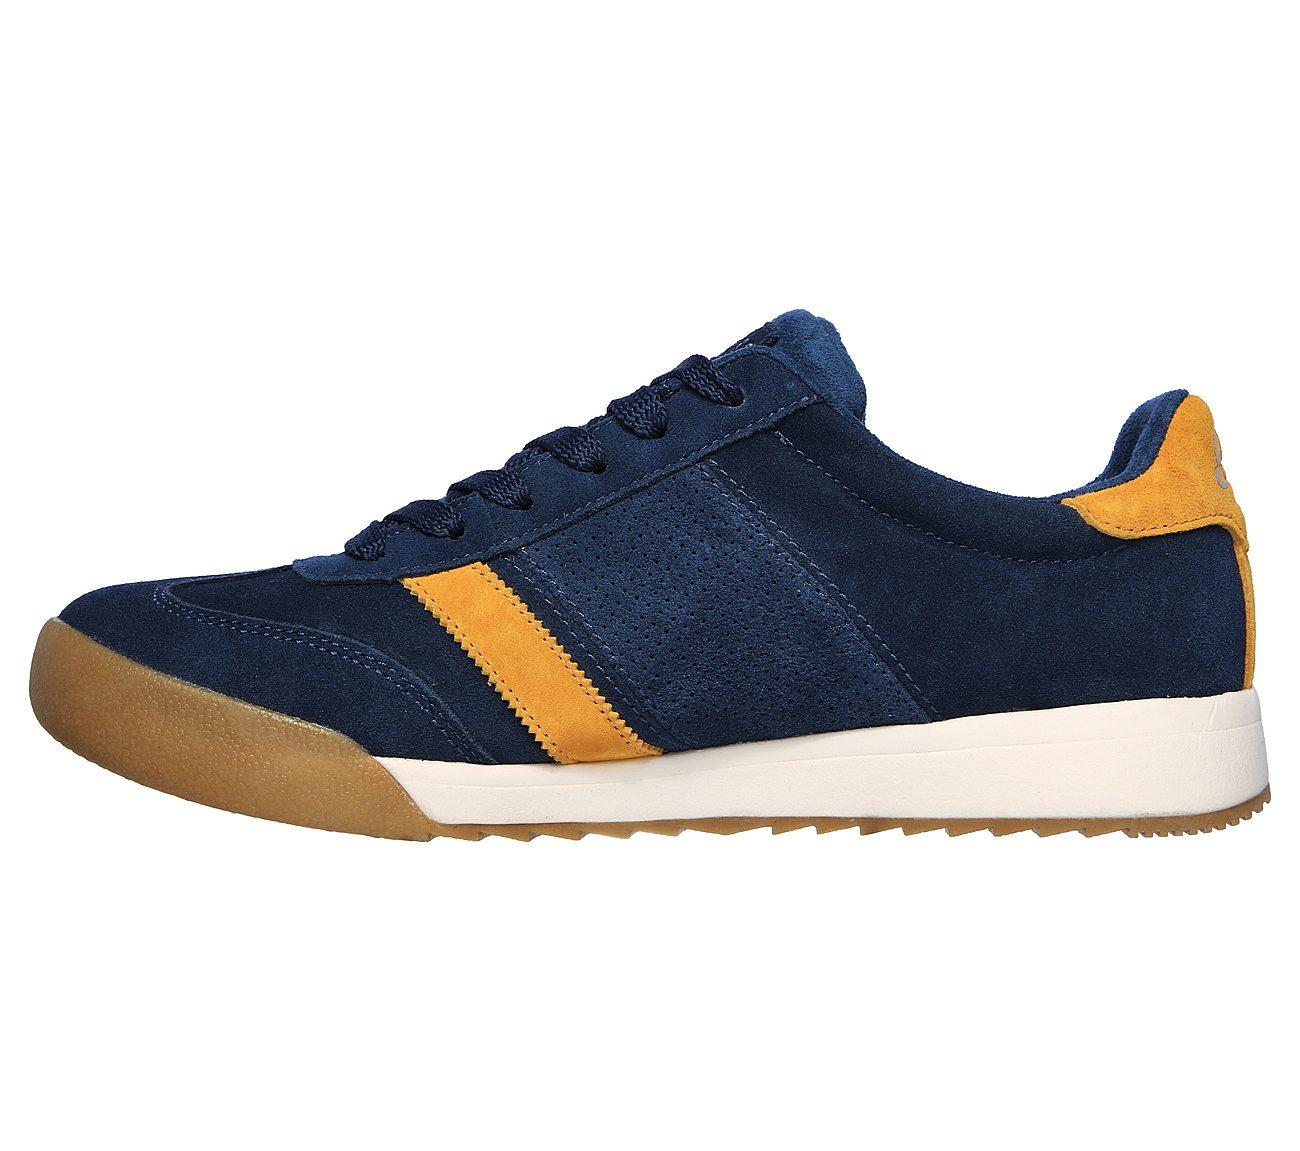 Buy SKECHERS Zinger - Wildview Sport Shoes